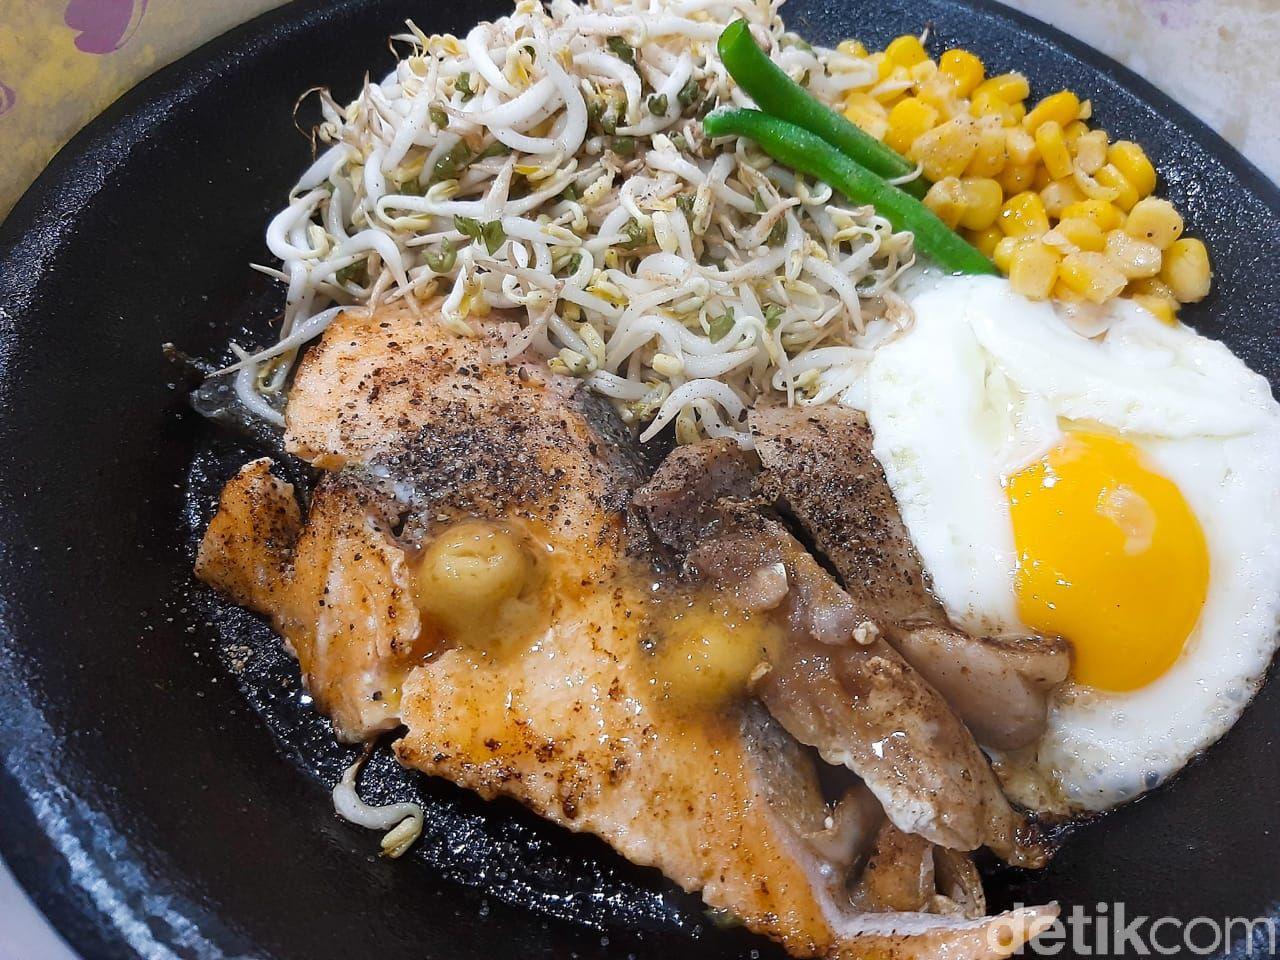 Mazeru: Restoran Pepper Rice dengan Harga Terjangkau. Ada menu olahan nasi dengan lauk daging sapi, daging ayam, salmon, hingga udang.